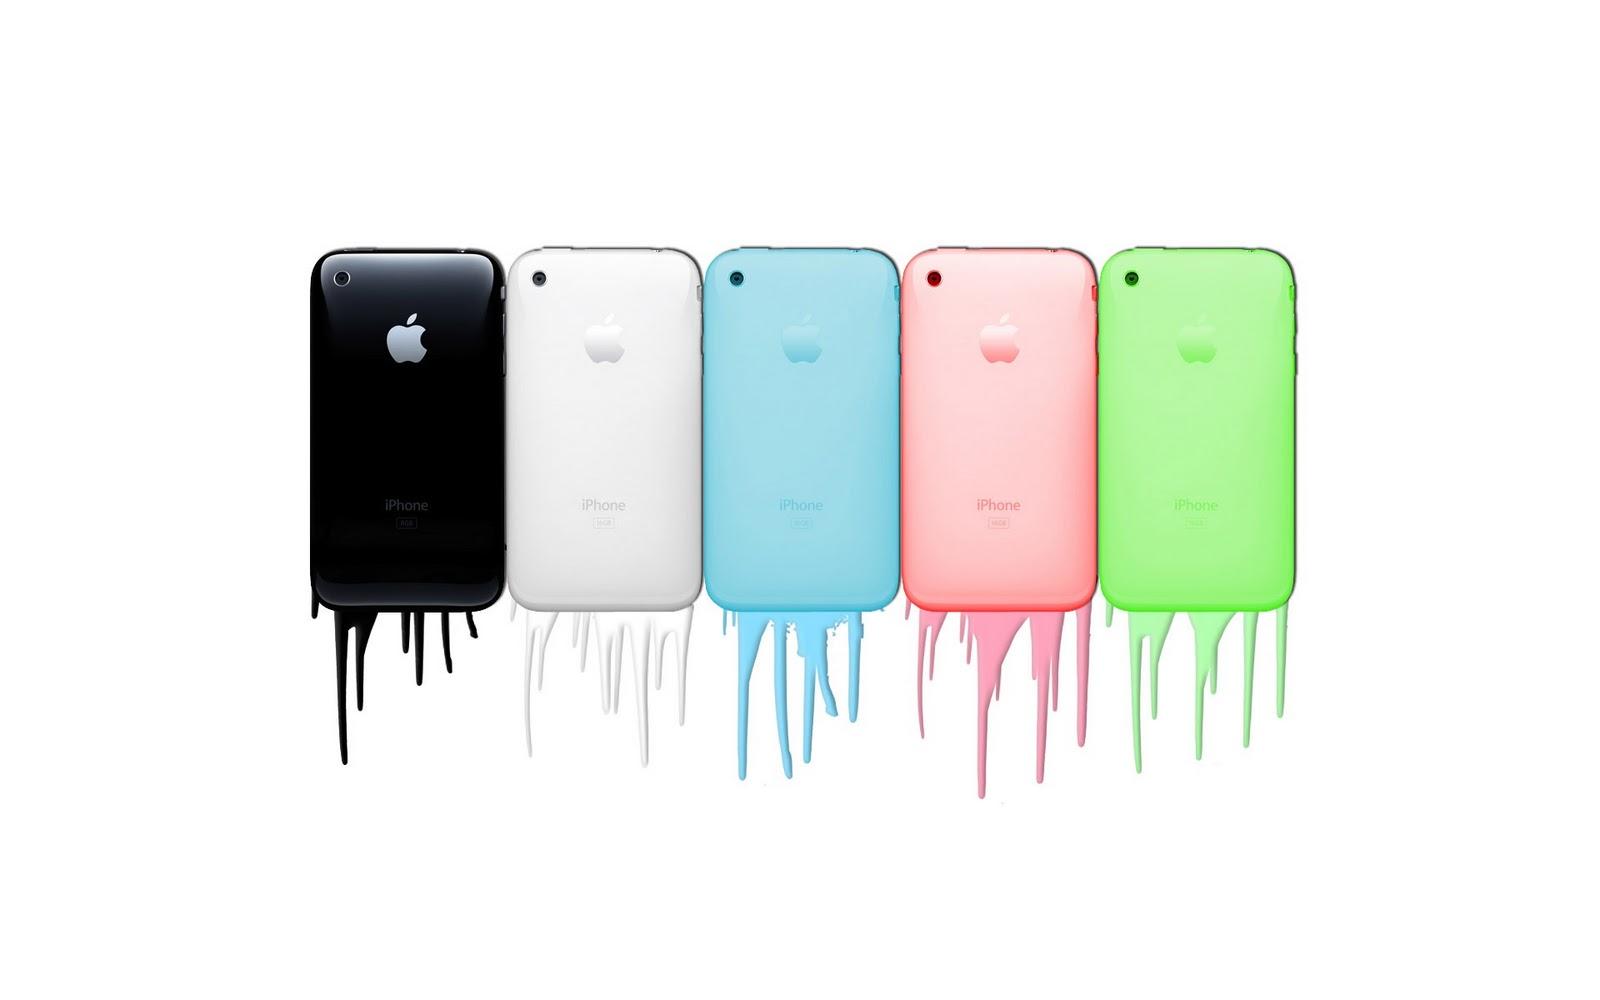 http://2.bp.blogspot.com/-KrNblSlRt5w/Ts38UEDFw7I/AAAAAAAABgo/XFqu-4T-1dc/s1600/iphone+wallpaper.jpg